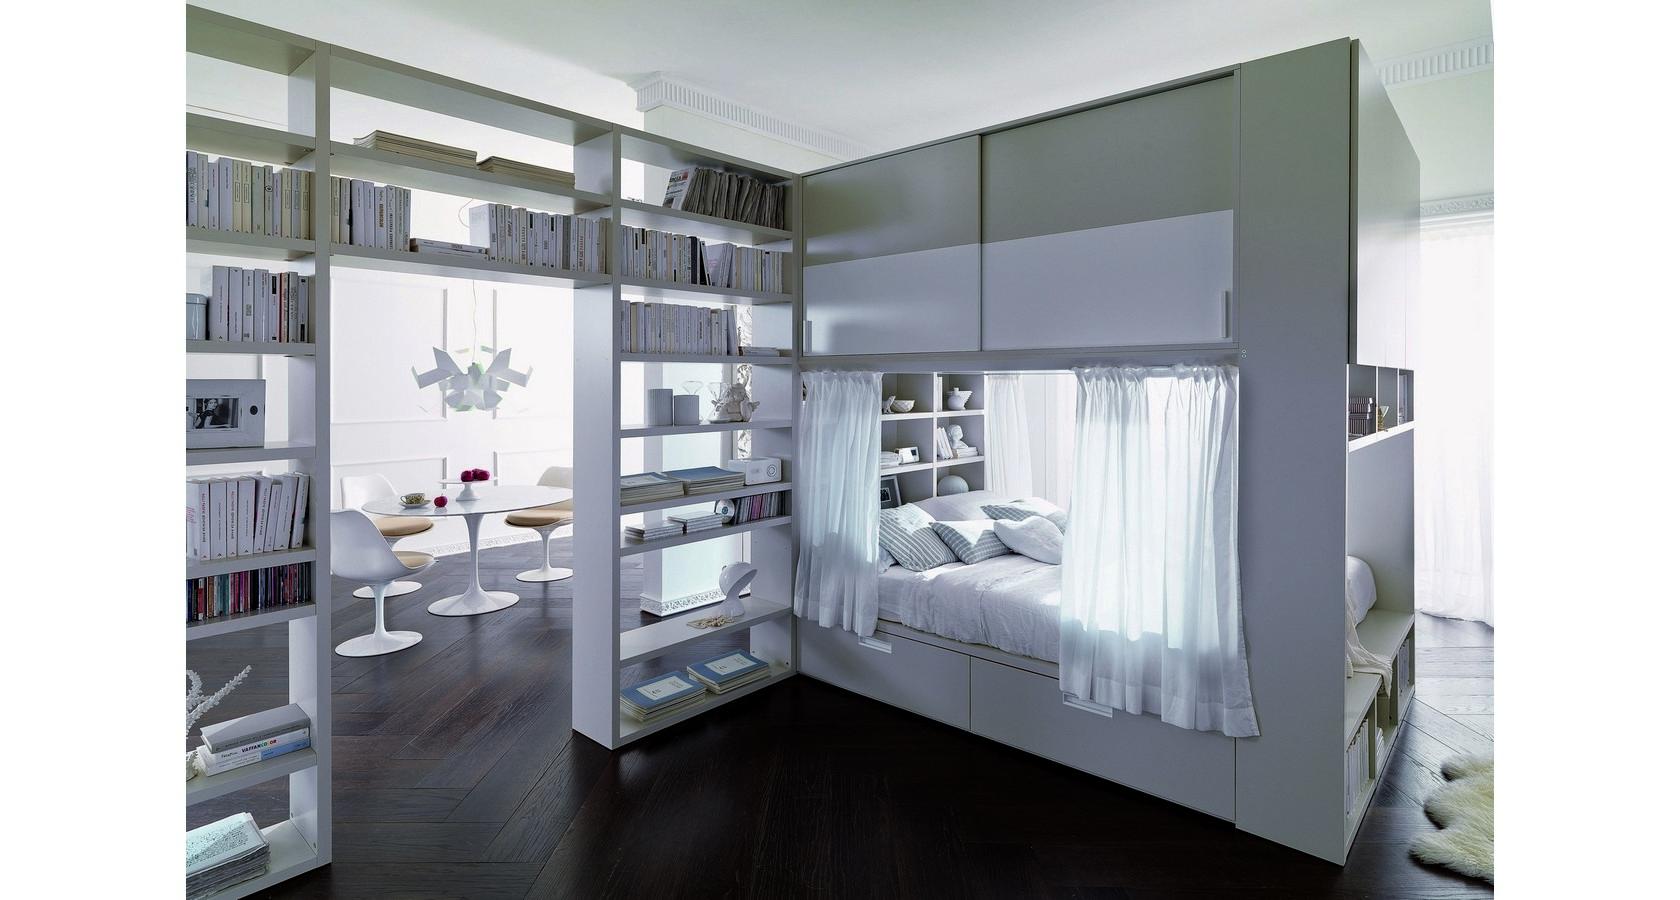 Progettare una cabina armadio misure e dimensioni minime - Idee armadio camera da letto ...